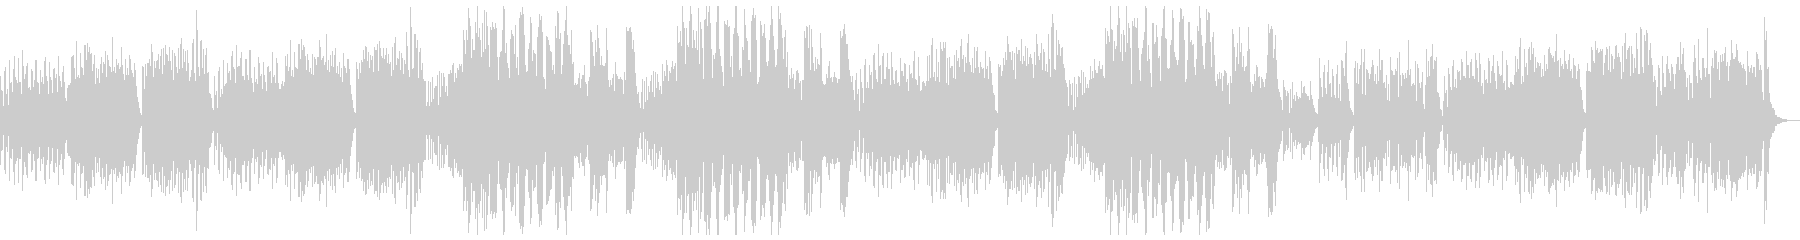 弦、ハープシコード、パイプオルガン...の未再生の波形